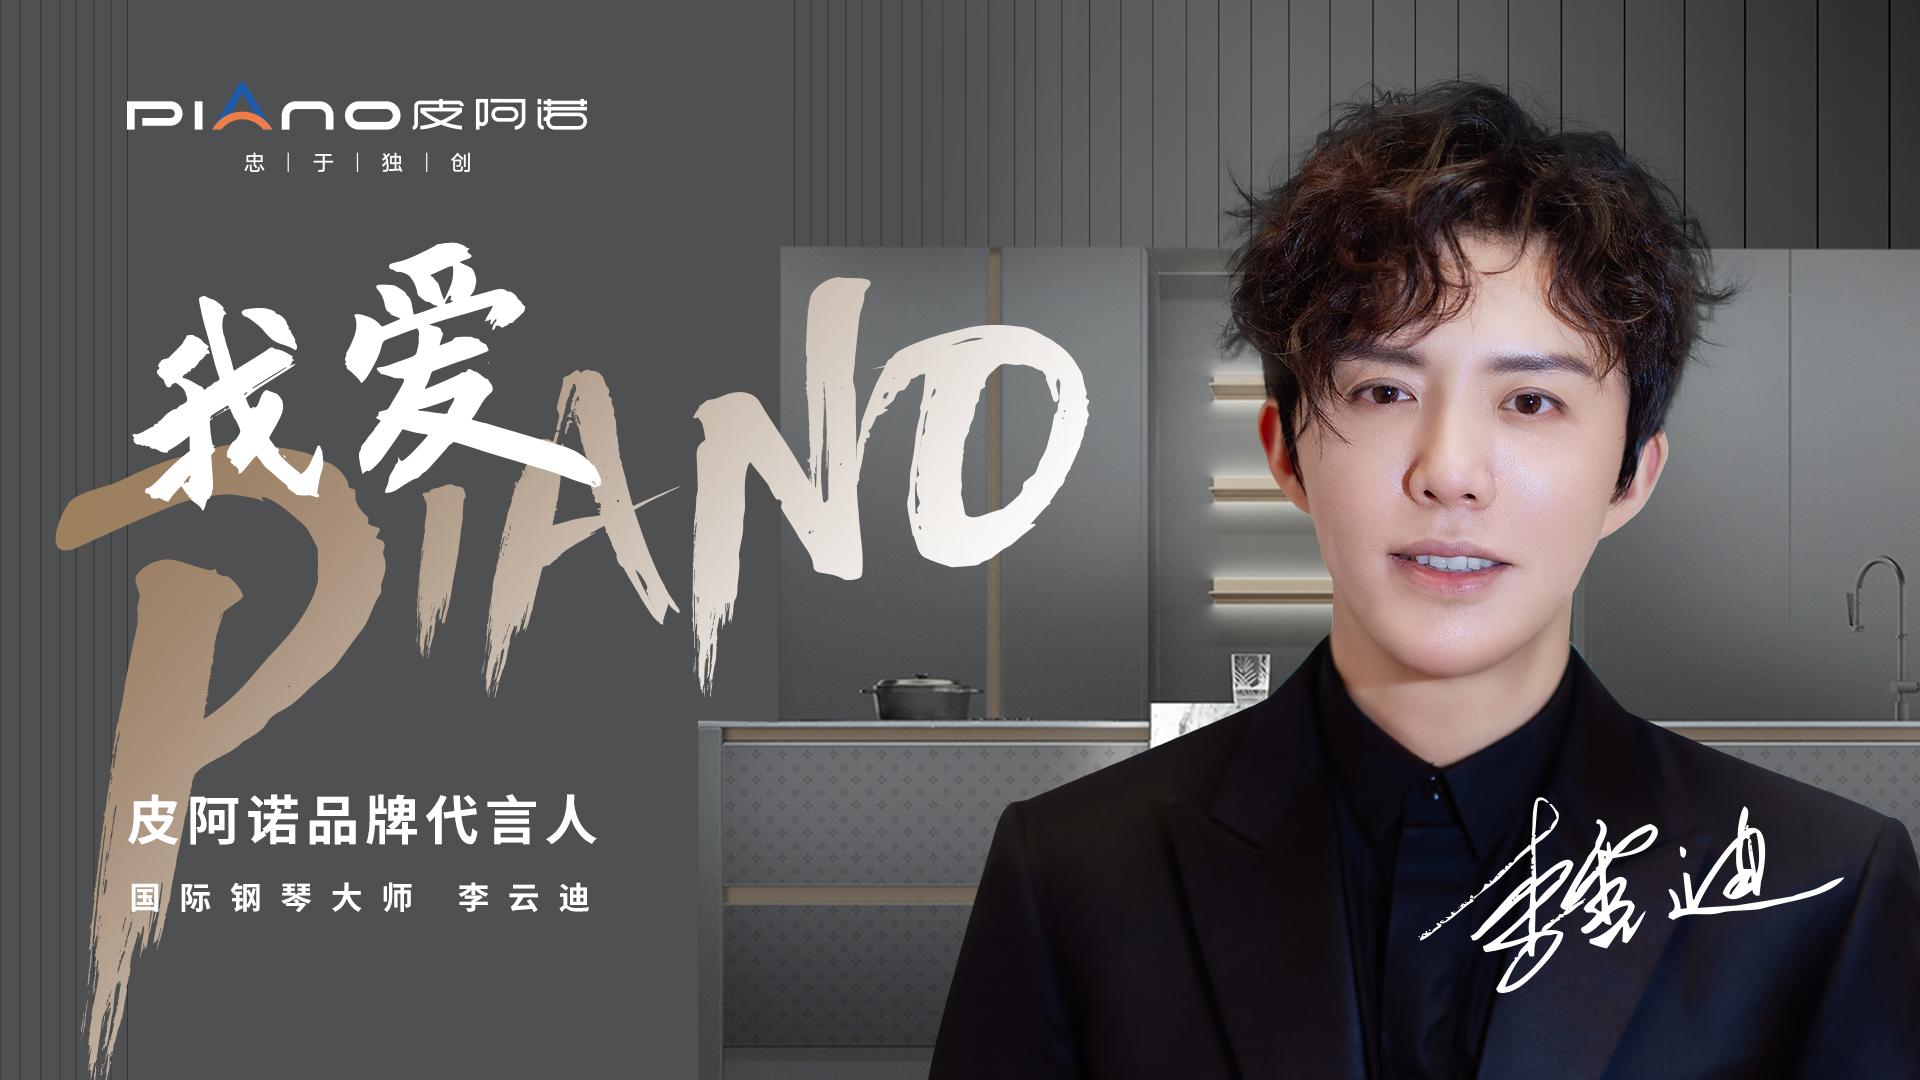 【官宣】皮阿诺携手国际钢琴王子李云迪开启独创新篇章